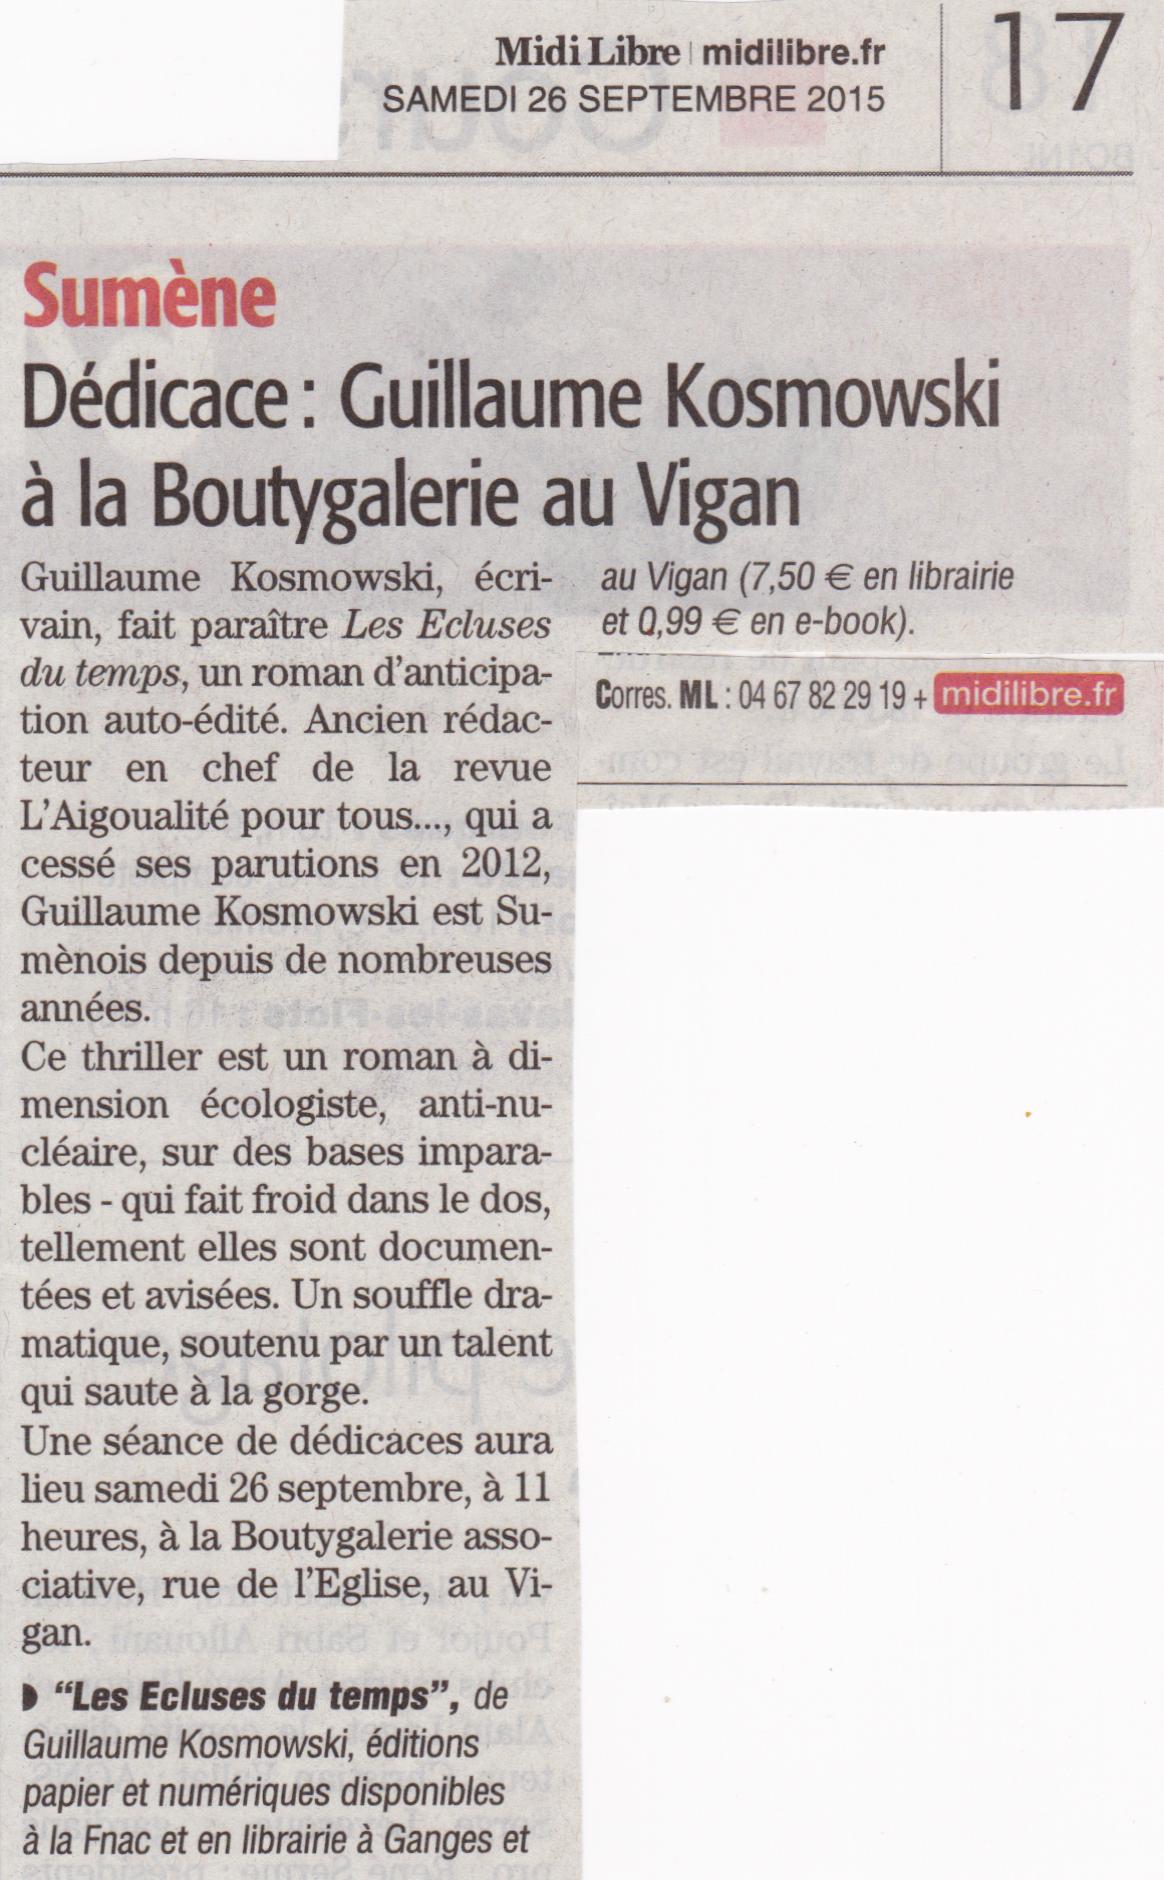 Midi-Libre 26/9/2015